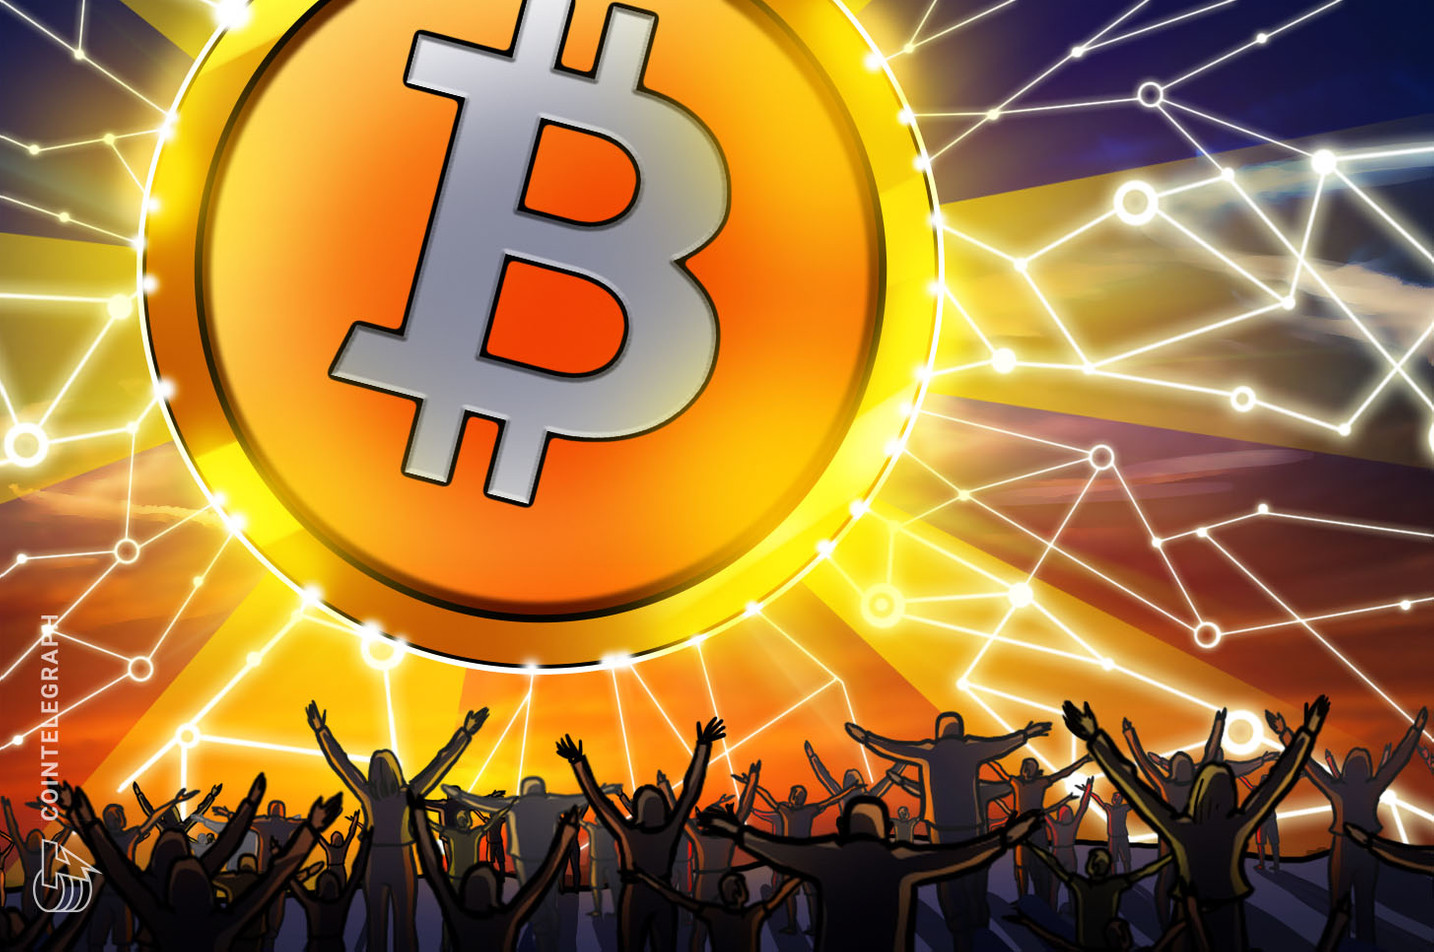 ¿Cuándo se unirá Bitcoin a la revolución DeFi?